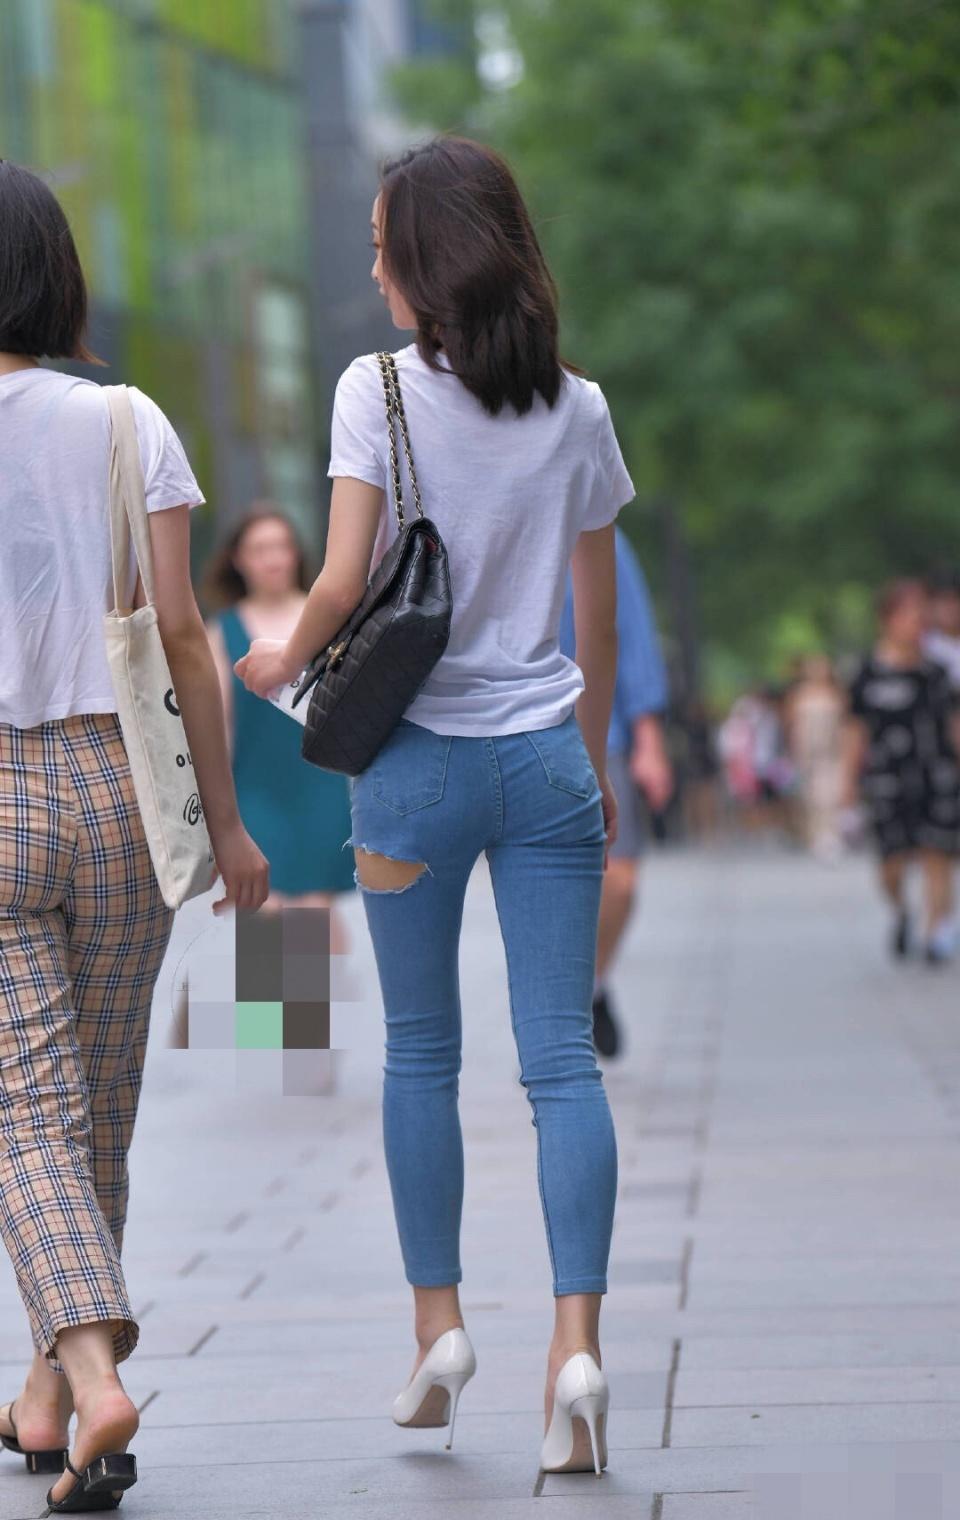 街拍:小紧身姐姐牛仔裤开个酒店,是为了还情散热趣保定有点的哪缝隙图片